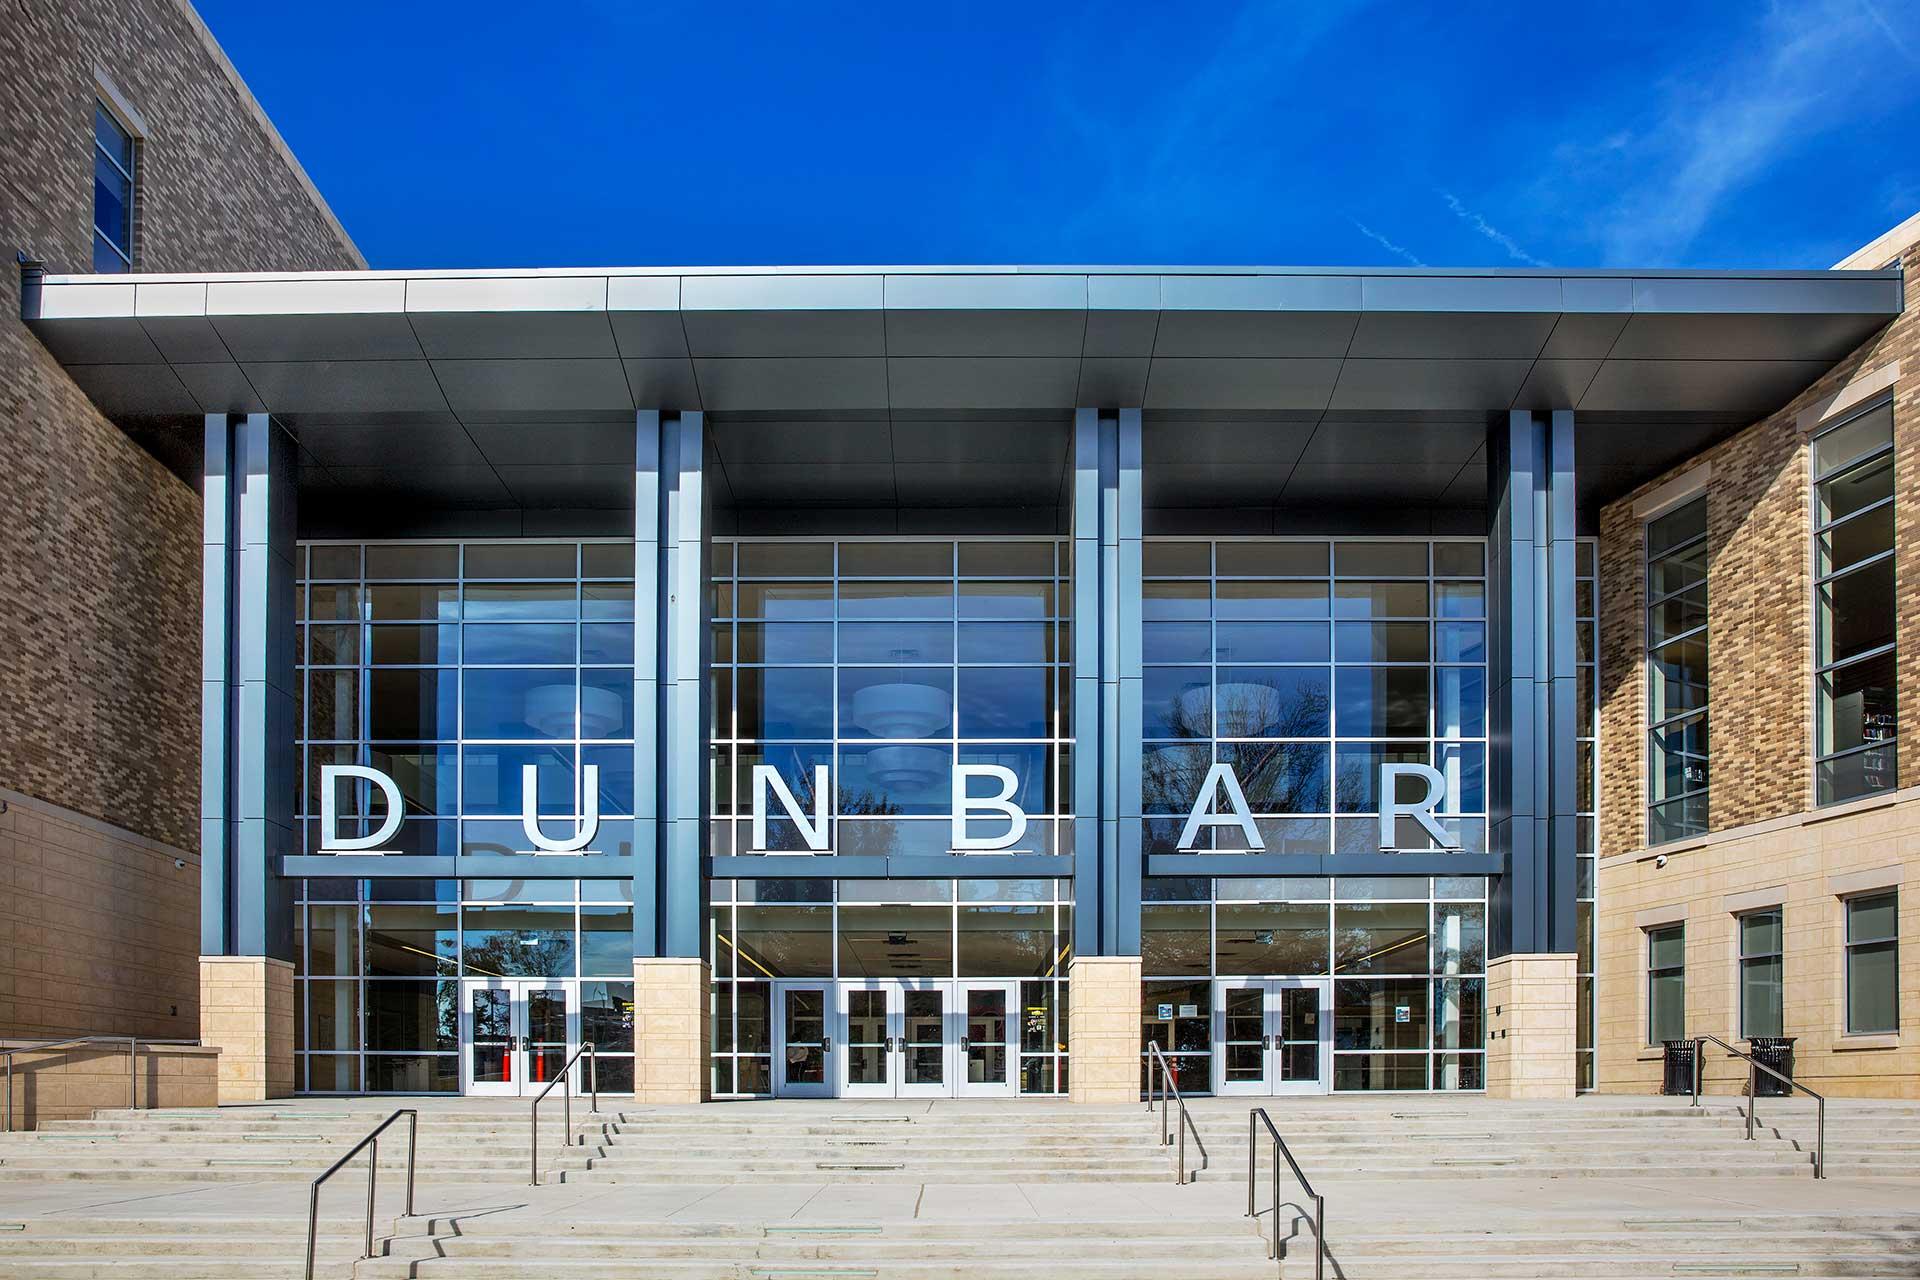 Dunbar Senior High School Kalkreuth